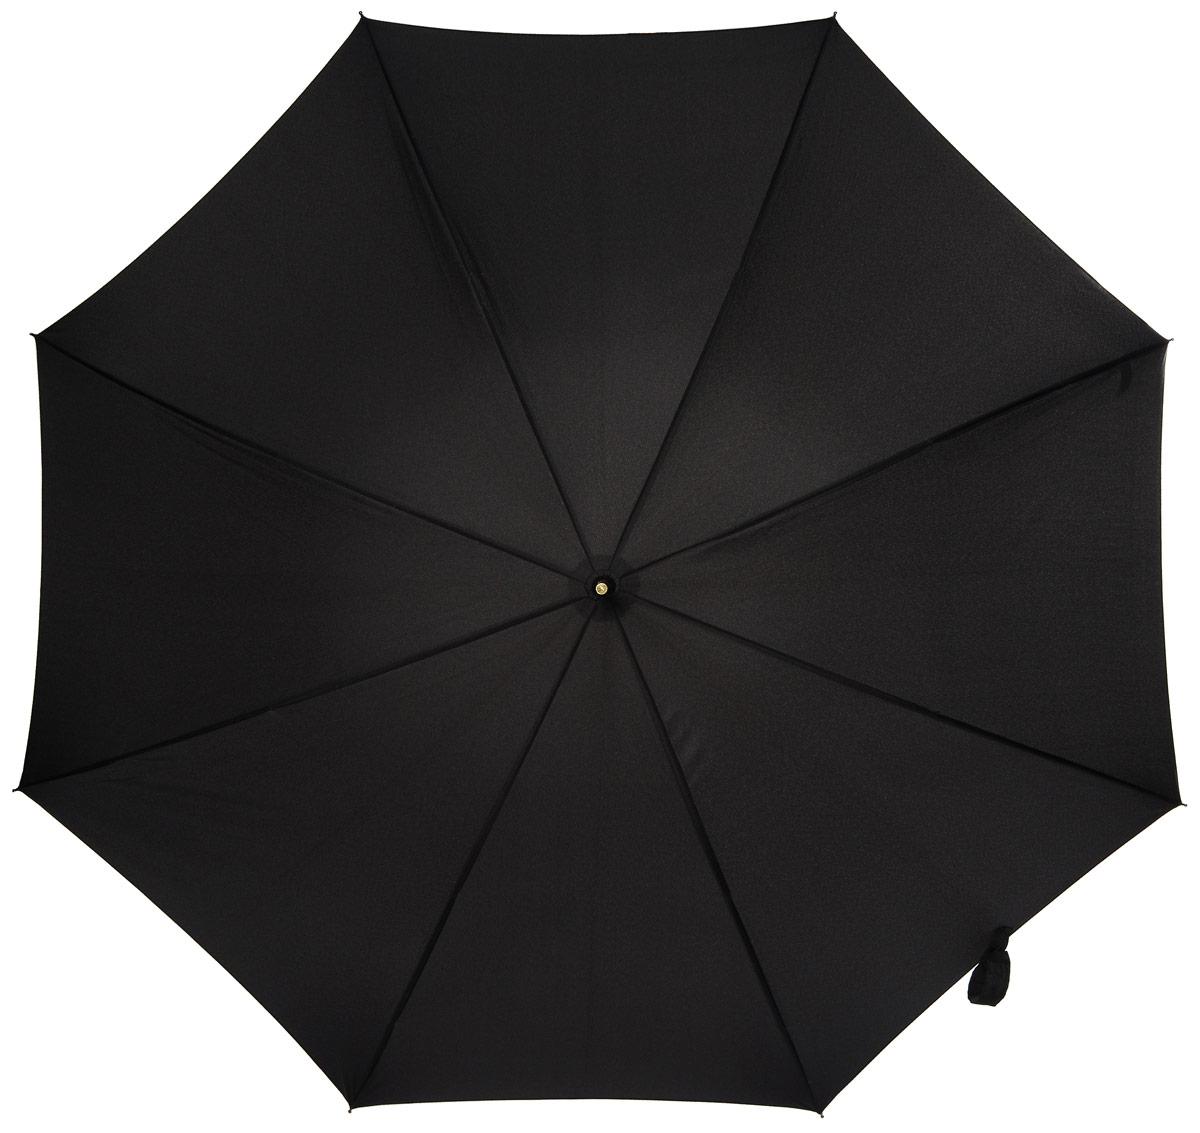 Зонт мужской трость Fulton, расцветка: черный. G808-01 BlackG808-01 BlackКлассическая мужская трость Черный стальной стержень 8 спиц Купол из полиэстра высокого качества Классическая ручка из ротанга Диаметр - 106 см.